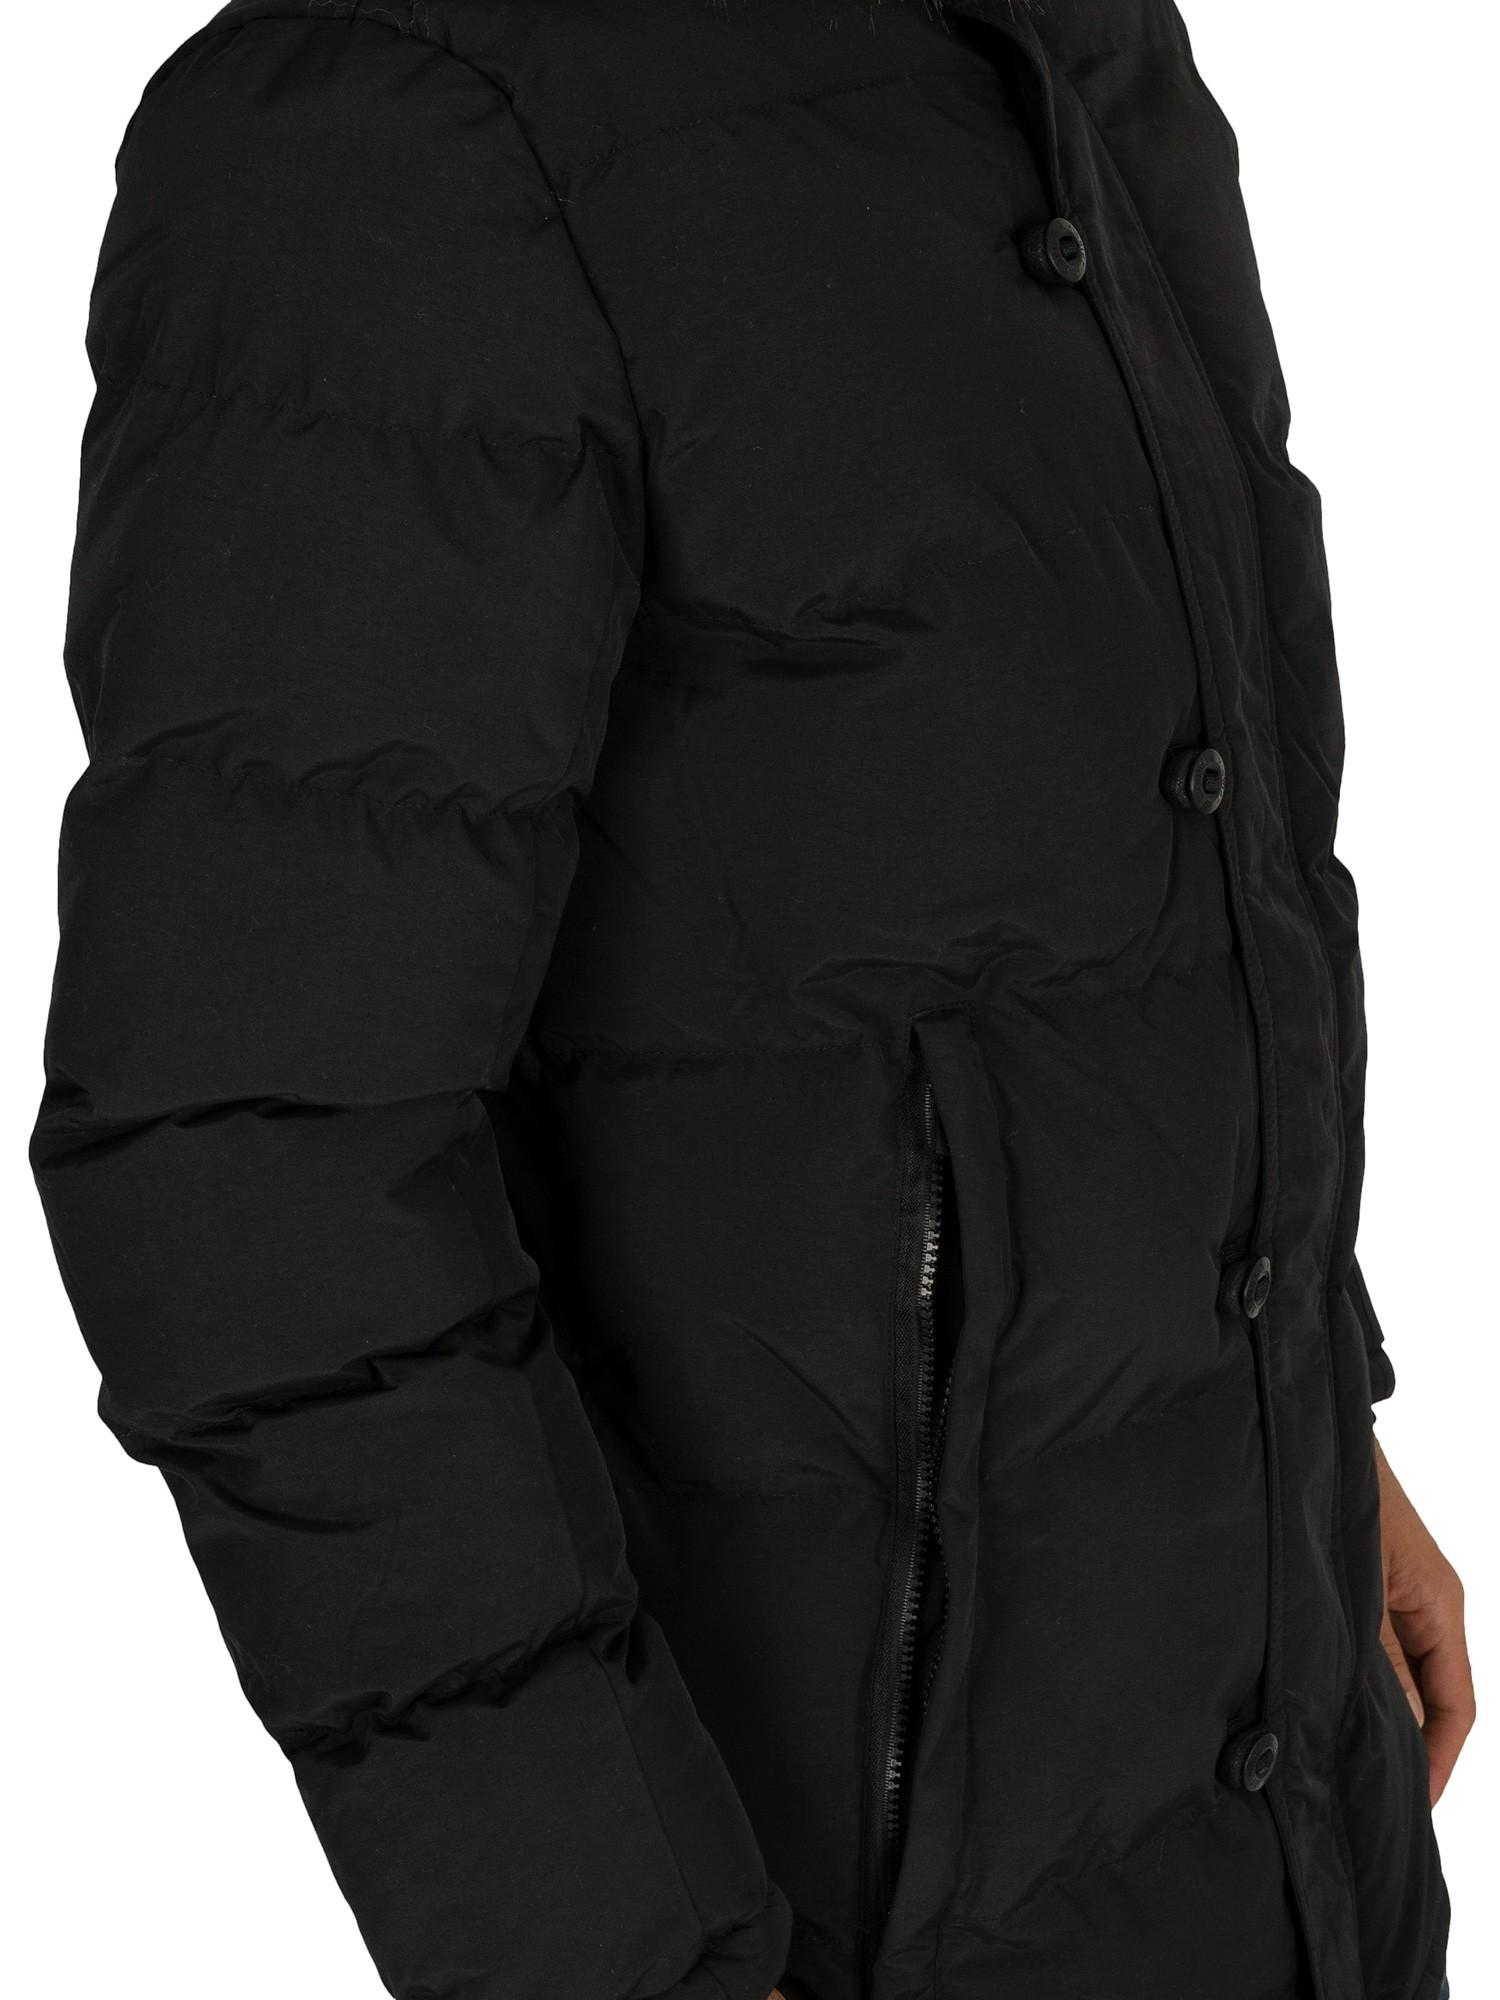 White 4Bidden Raid Mountain Jacket